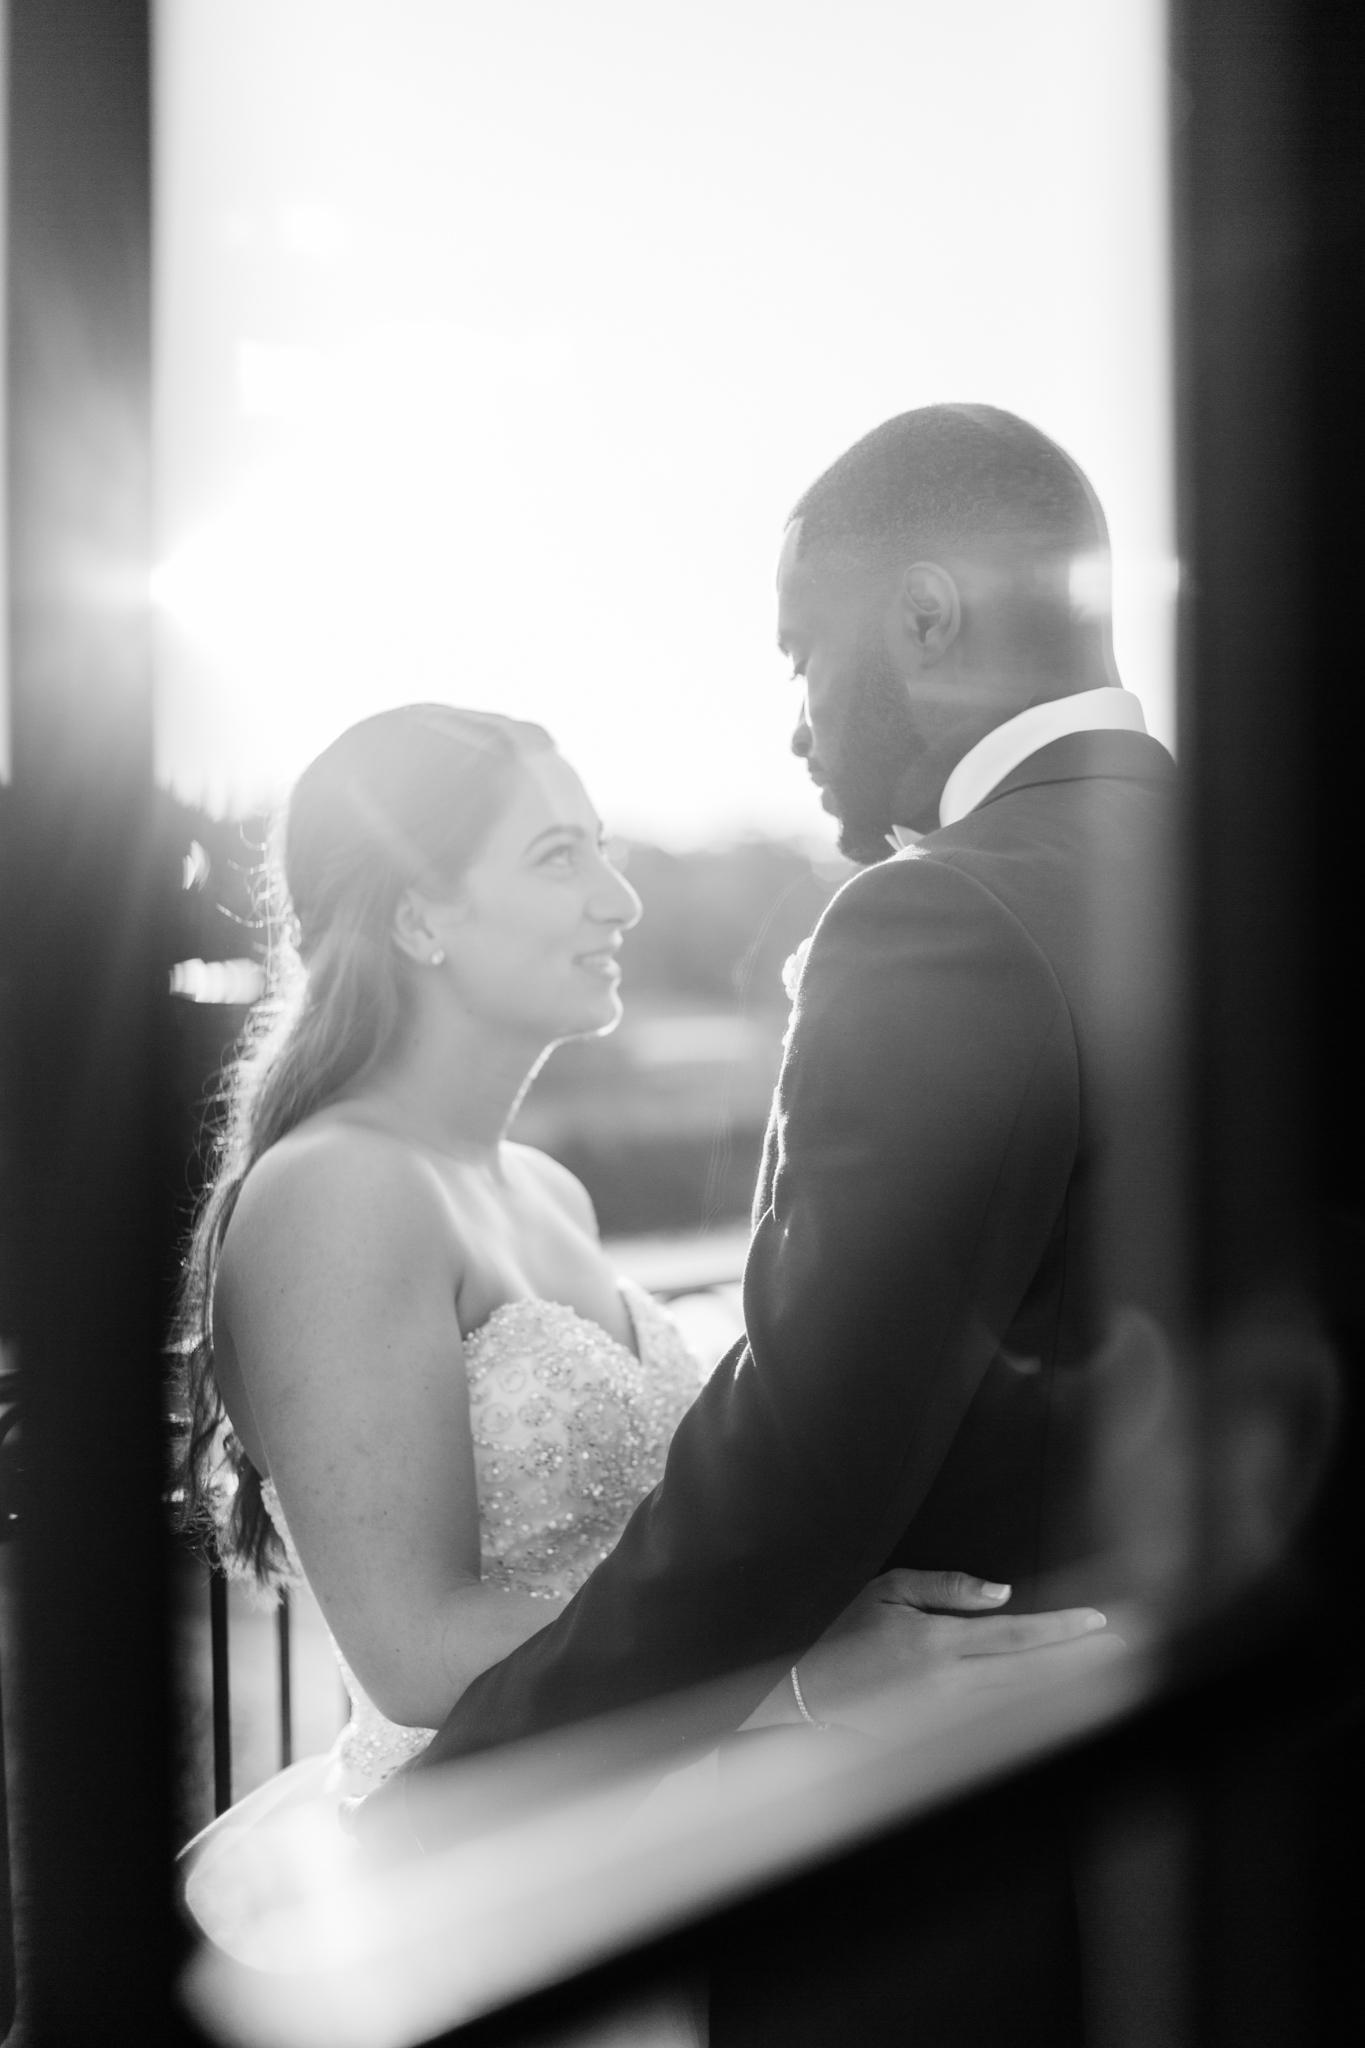 Wedding Photographers in Ontario